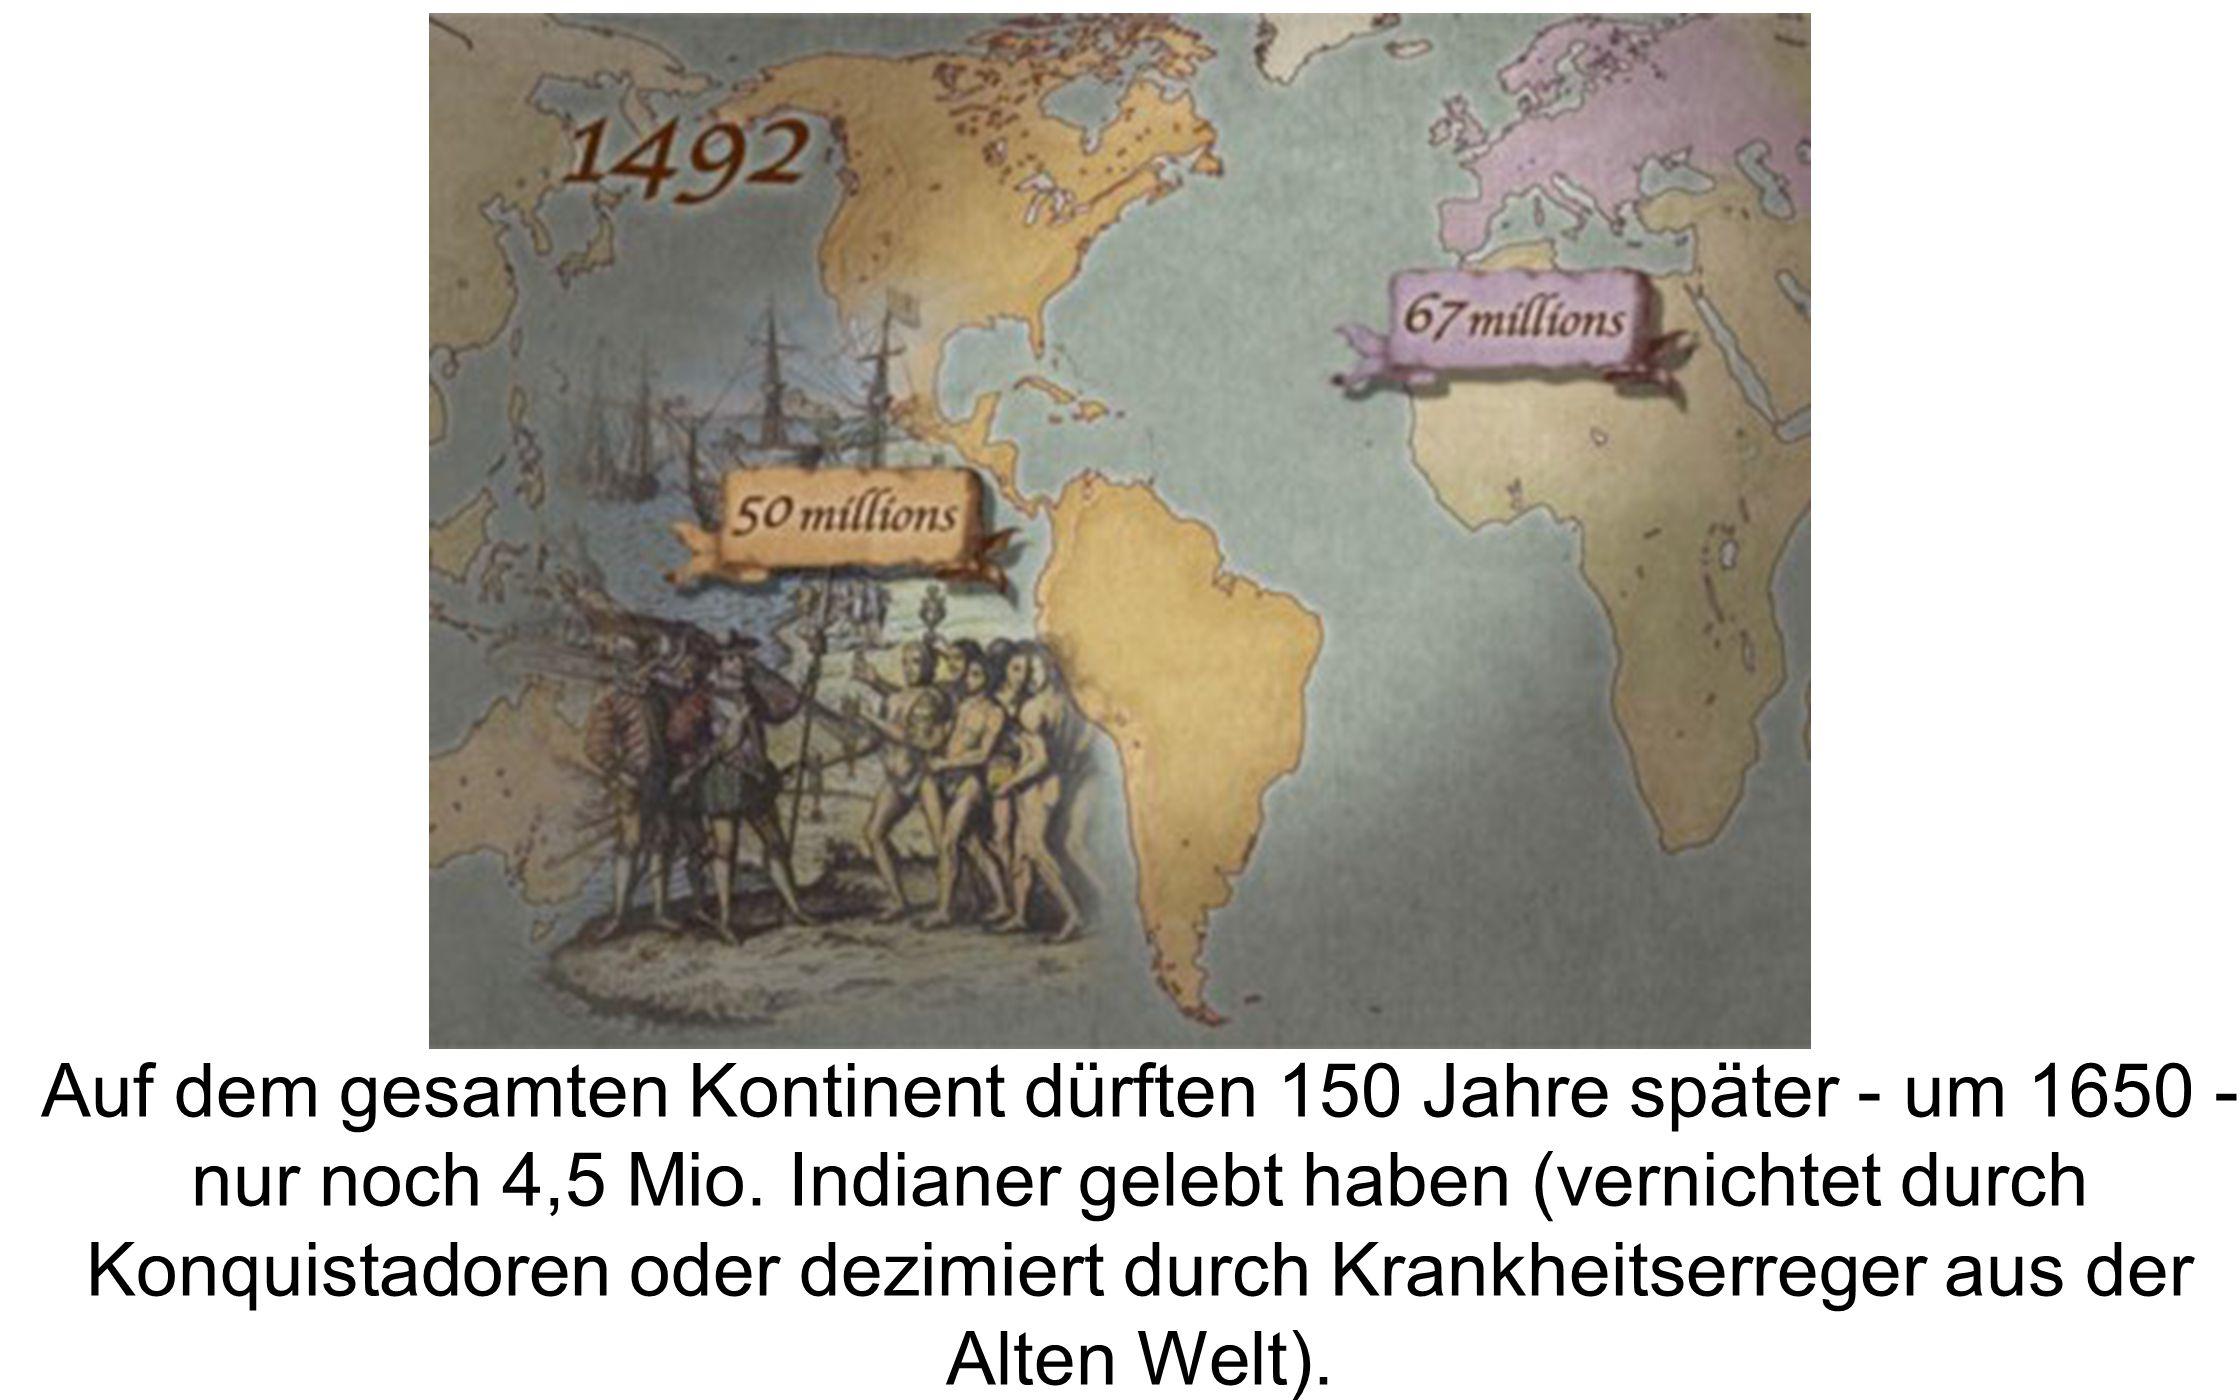 Auf dem gesamten Kontinent dürften 150 Jahre später - um 1650 - nur noch 4,5 Mio.